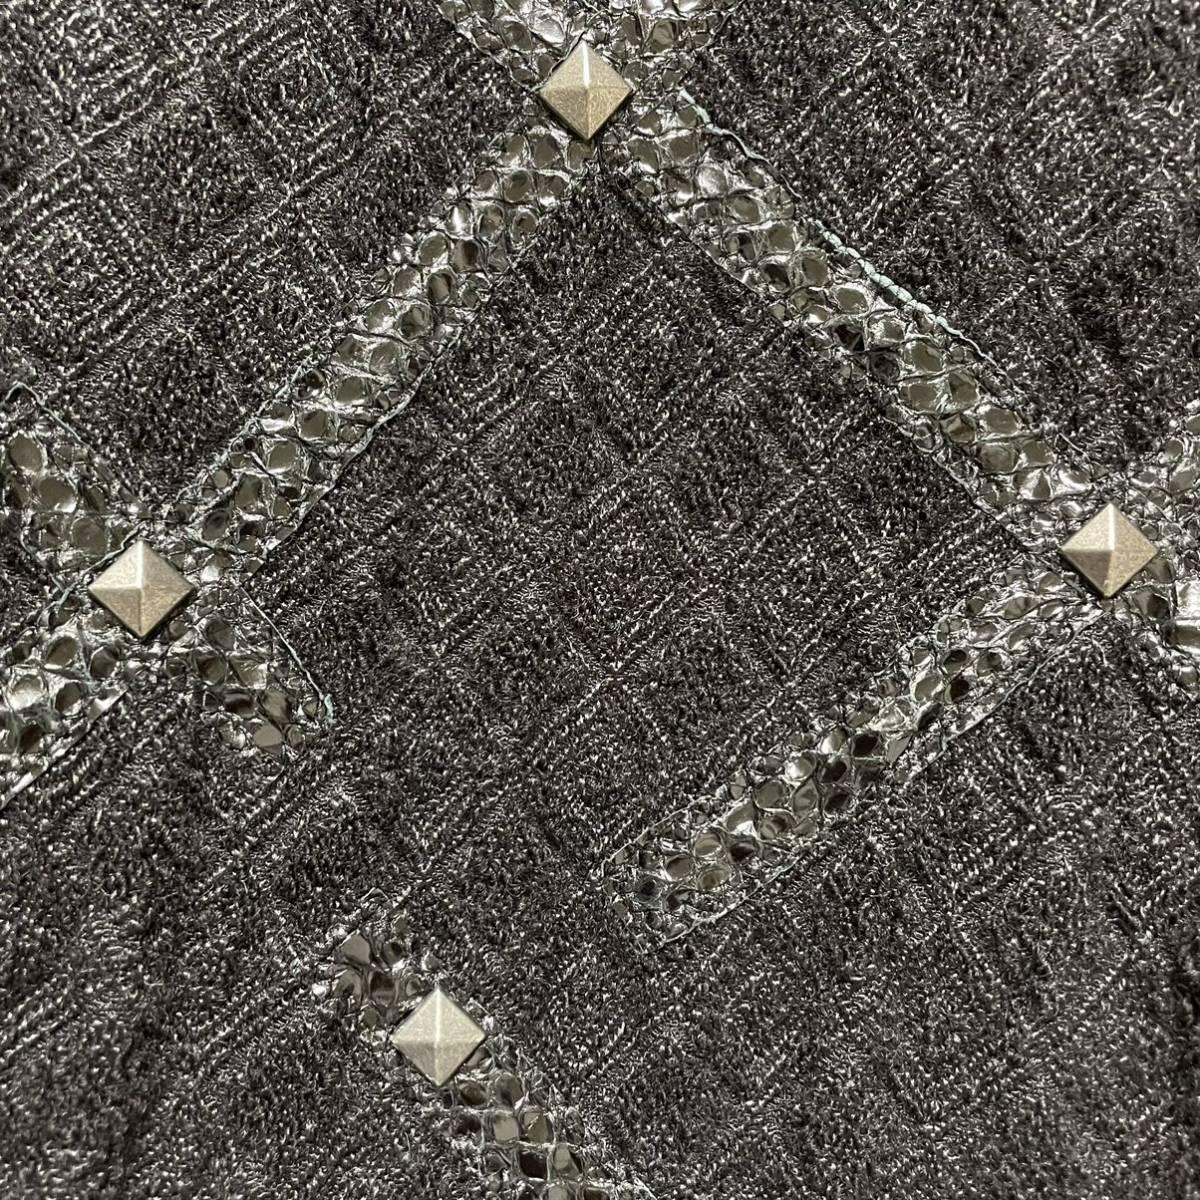 本物 美品 ボッテガヴェネタ レザー使い スタッズ付 ツイード ノースリーブ ワンピース 膝丈 ウール シルク 38 ブラック 黒 BOTTEGA VENETA_画像7